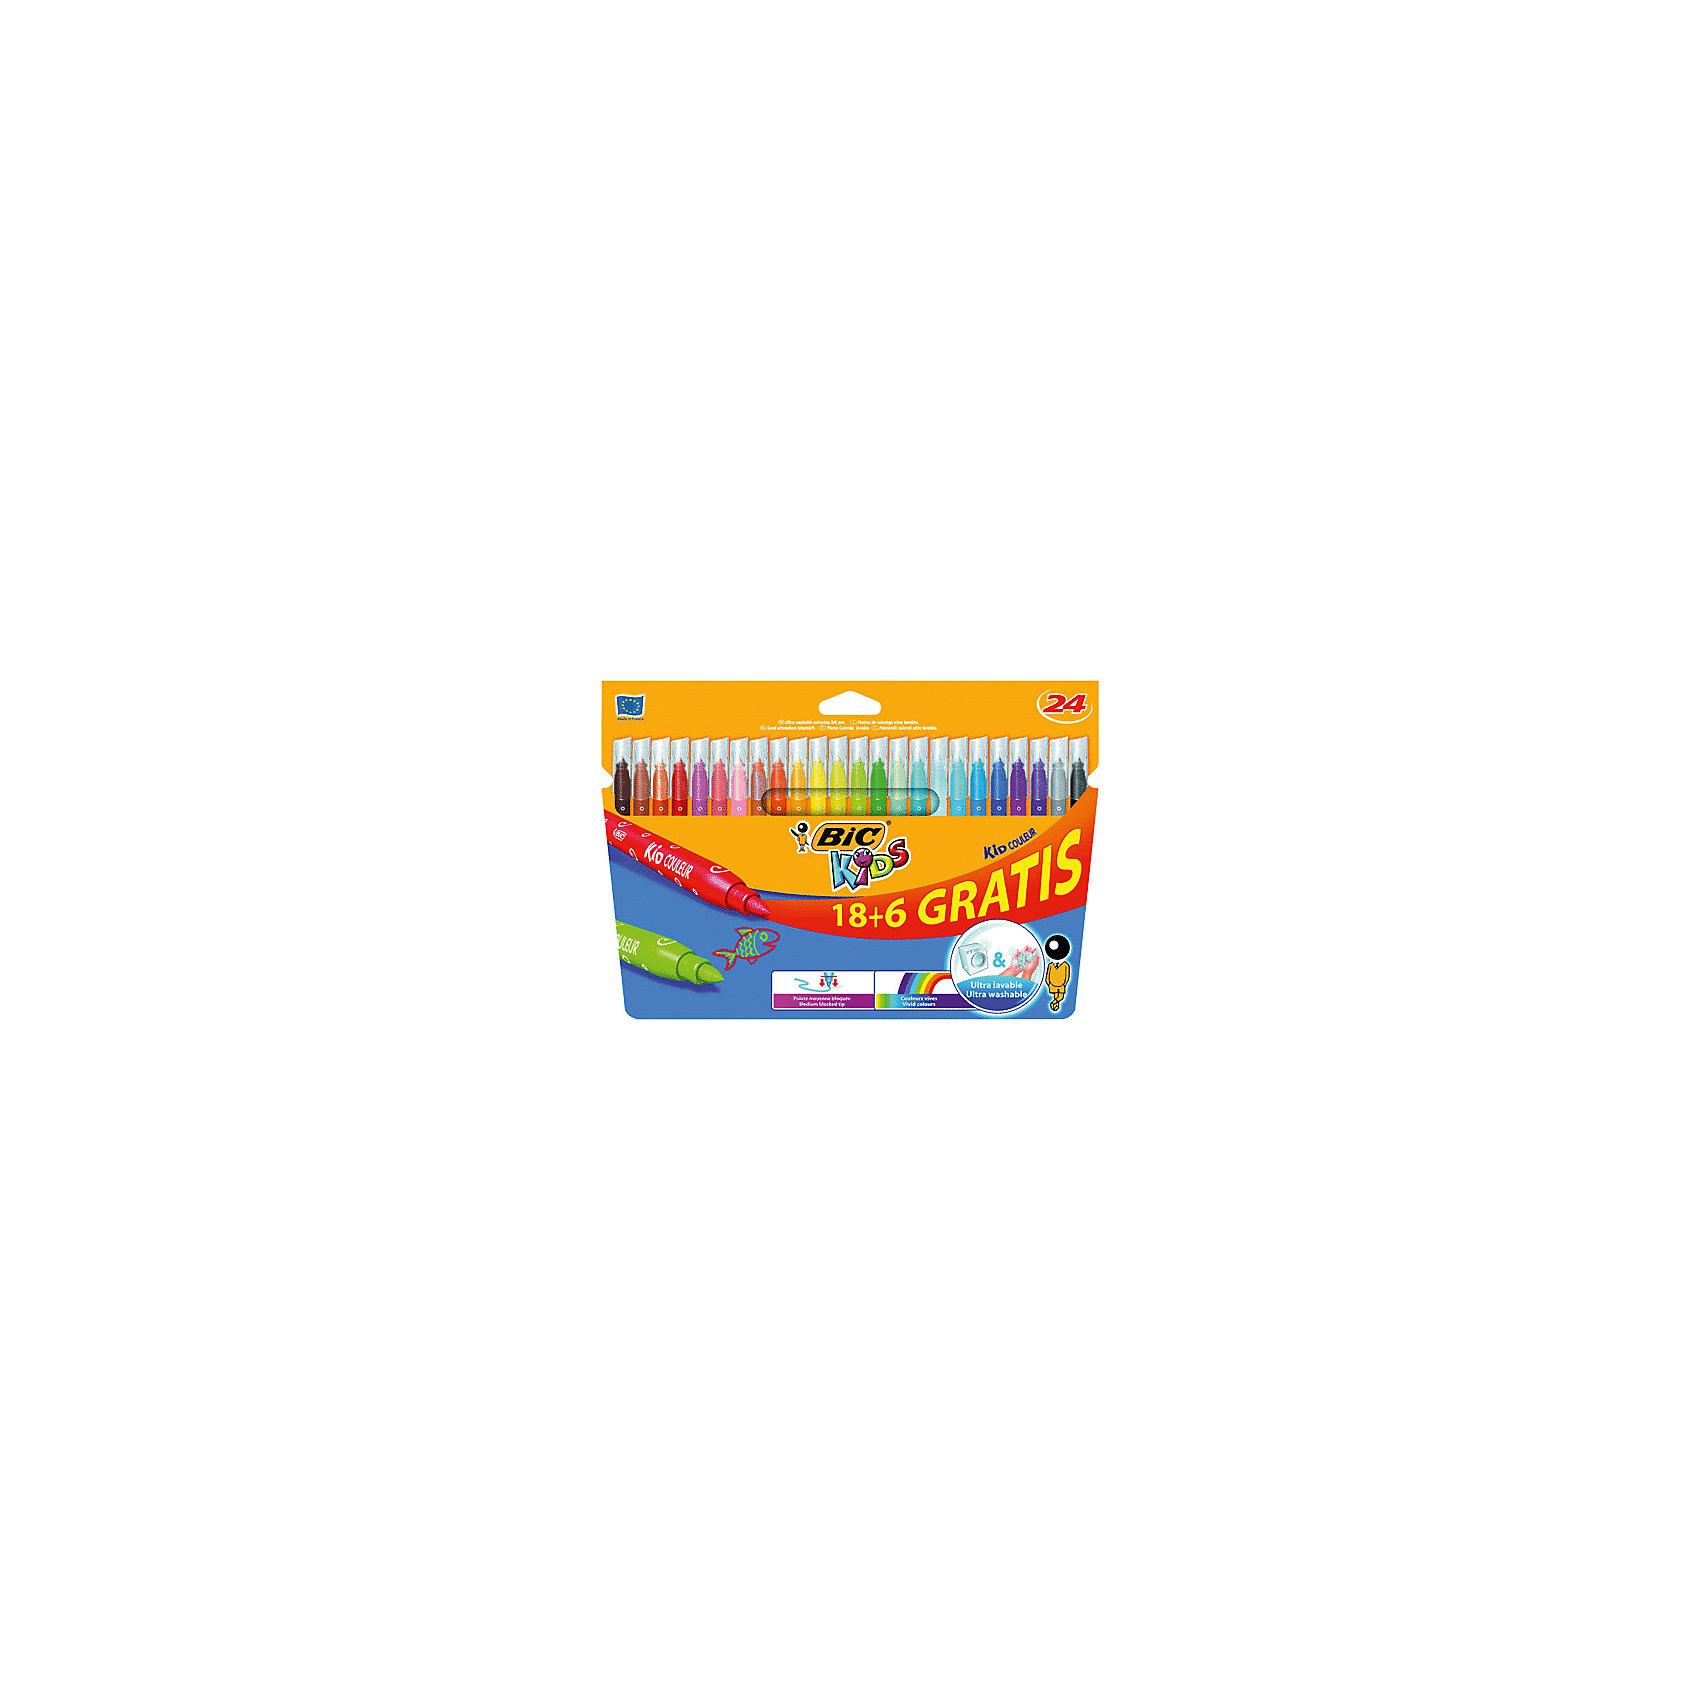 Фломастеры Bic Kid Couleur, 24 цветаФломастеры<br>Характеристики:<br><br>• возраст: от 3 лет<br>• в наборе: 24 фломастера<br>• количество цветов: 24<br>• тип чернил: на водной основе<br>• материал корпуса: пластик<br>• толщина линии: 0,8 мм.<br>• размер упаковки: 26,4х17,8х1,2 см.<br><br>Фломастерами Kid Couleur предназначены для письма и раскрашивания. В наборе 24 фломастера, ярких насыщенных цветов. Чернила на водной основе смываются с большинства тканей. Колпачок вентилируемый.<br><br>BIC Фломастеры 18+6 цветов Kid Couleur можно купить в нашем интернет-магазине.<br><br>Ширина мм: 12<br>Глубина мм: 264<br>Высота мм: 178<br>Вес г: 185<br>Возраст от месяцев: 36<br>Возраст до месяцев: 192<br>Пол: Унисекс<br>Возраст: Детский<br>SKU: 7065362